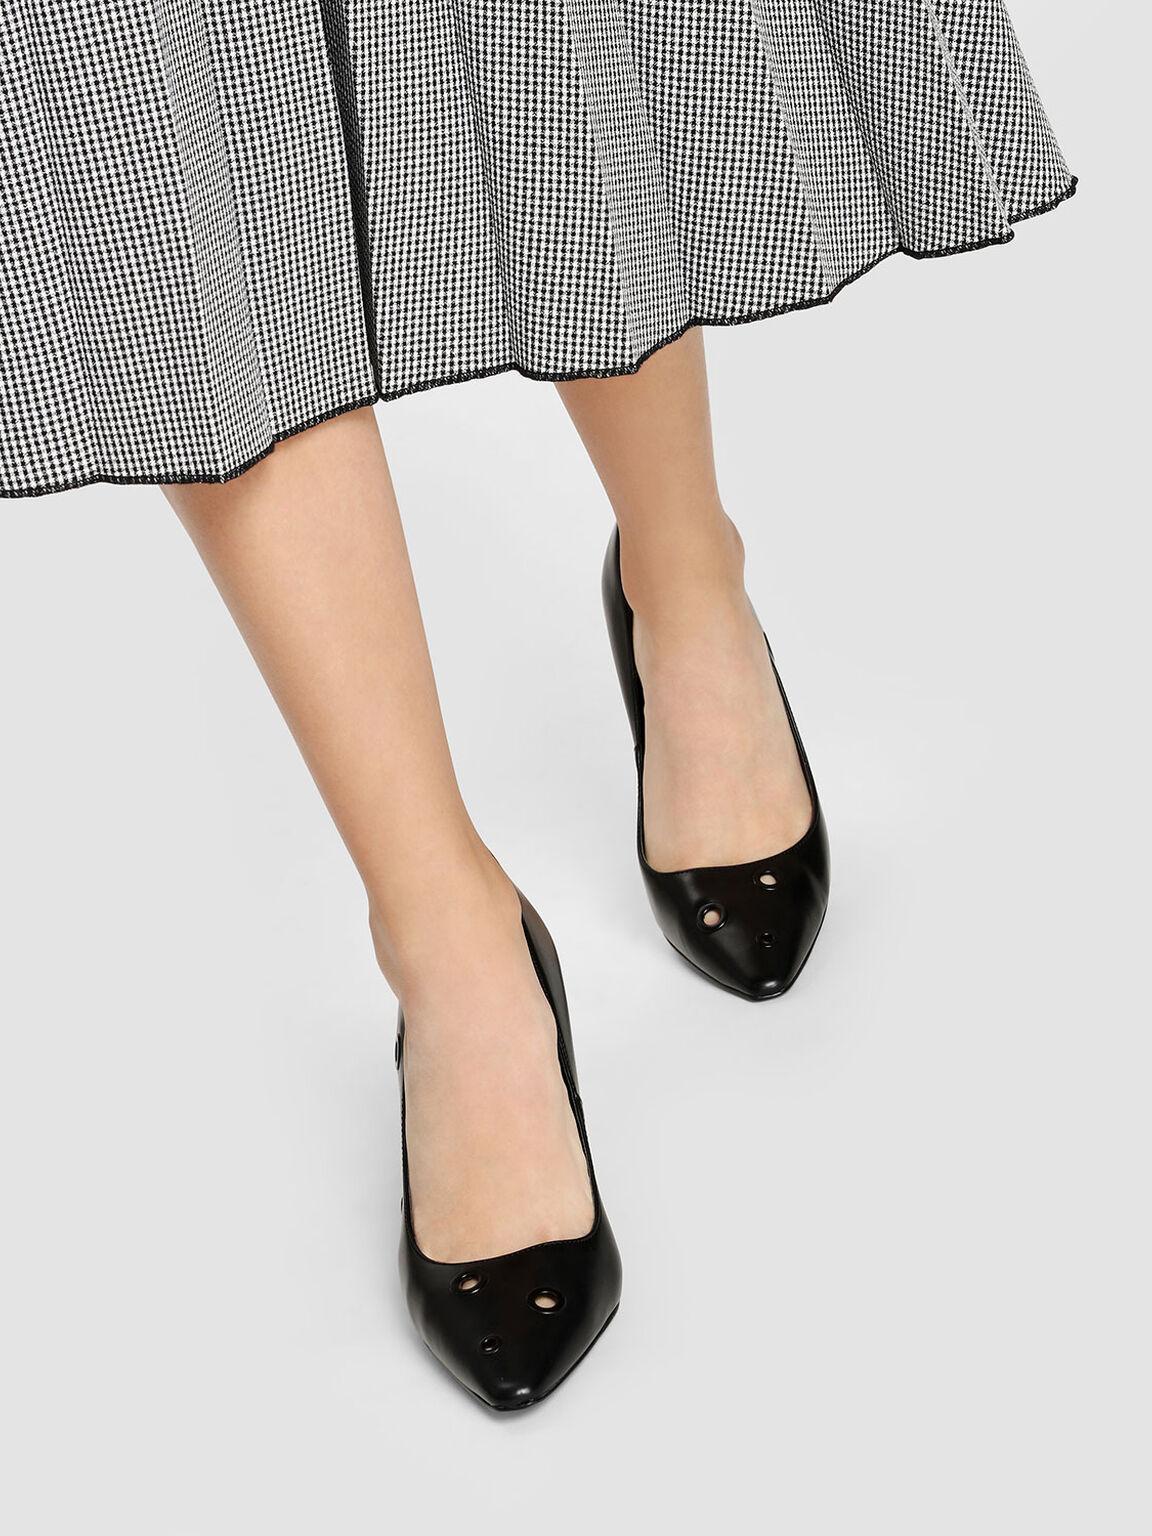 Eyelet Detail Heels, Black, hi-res